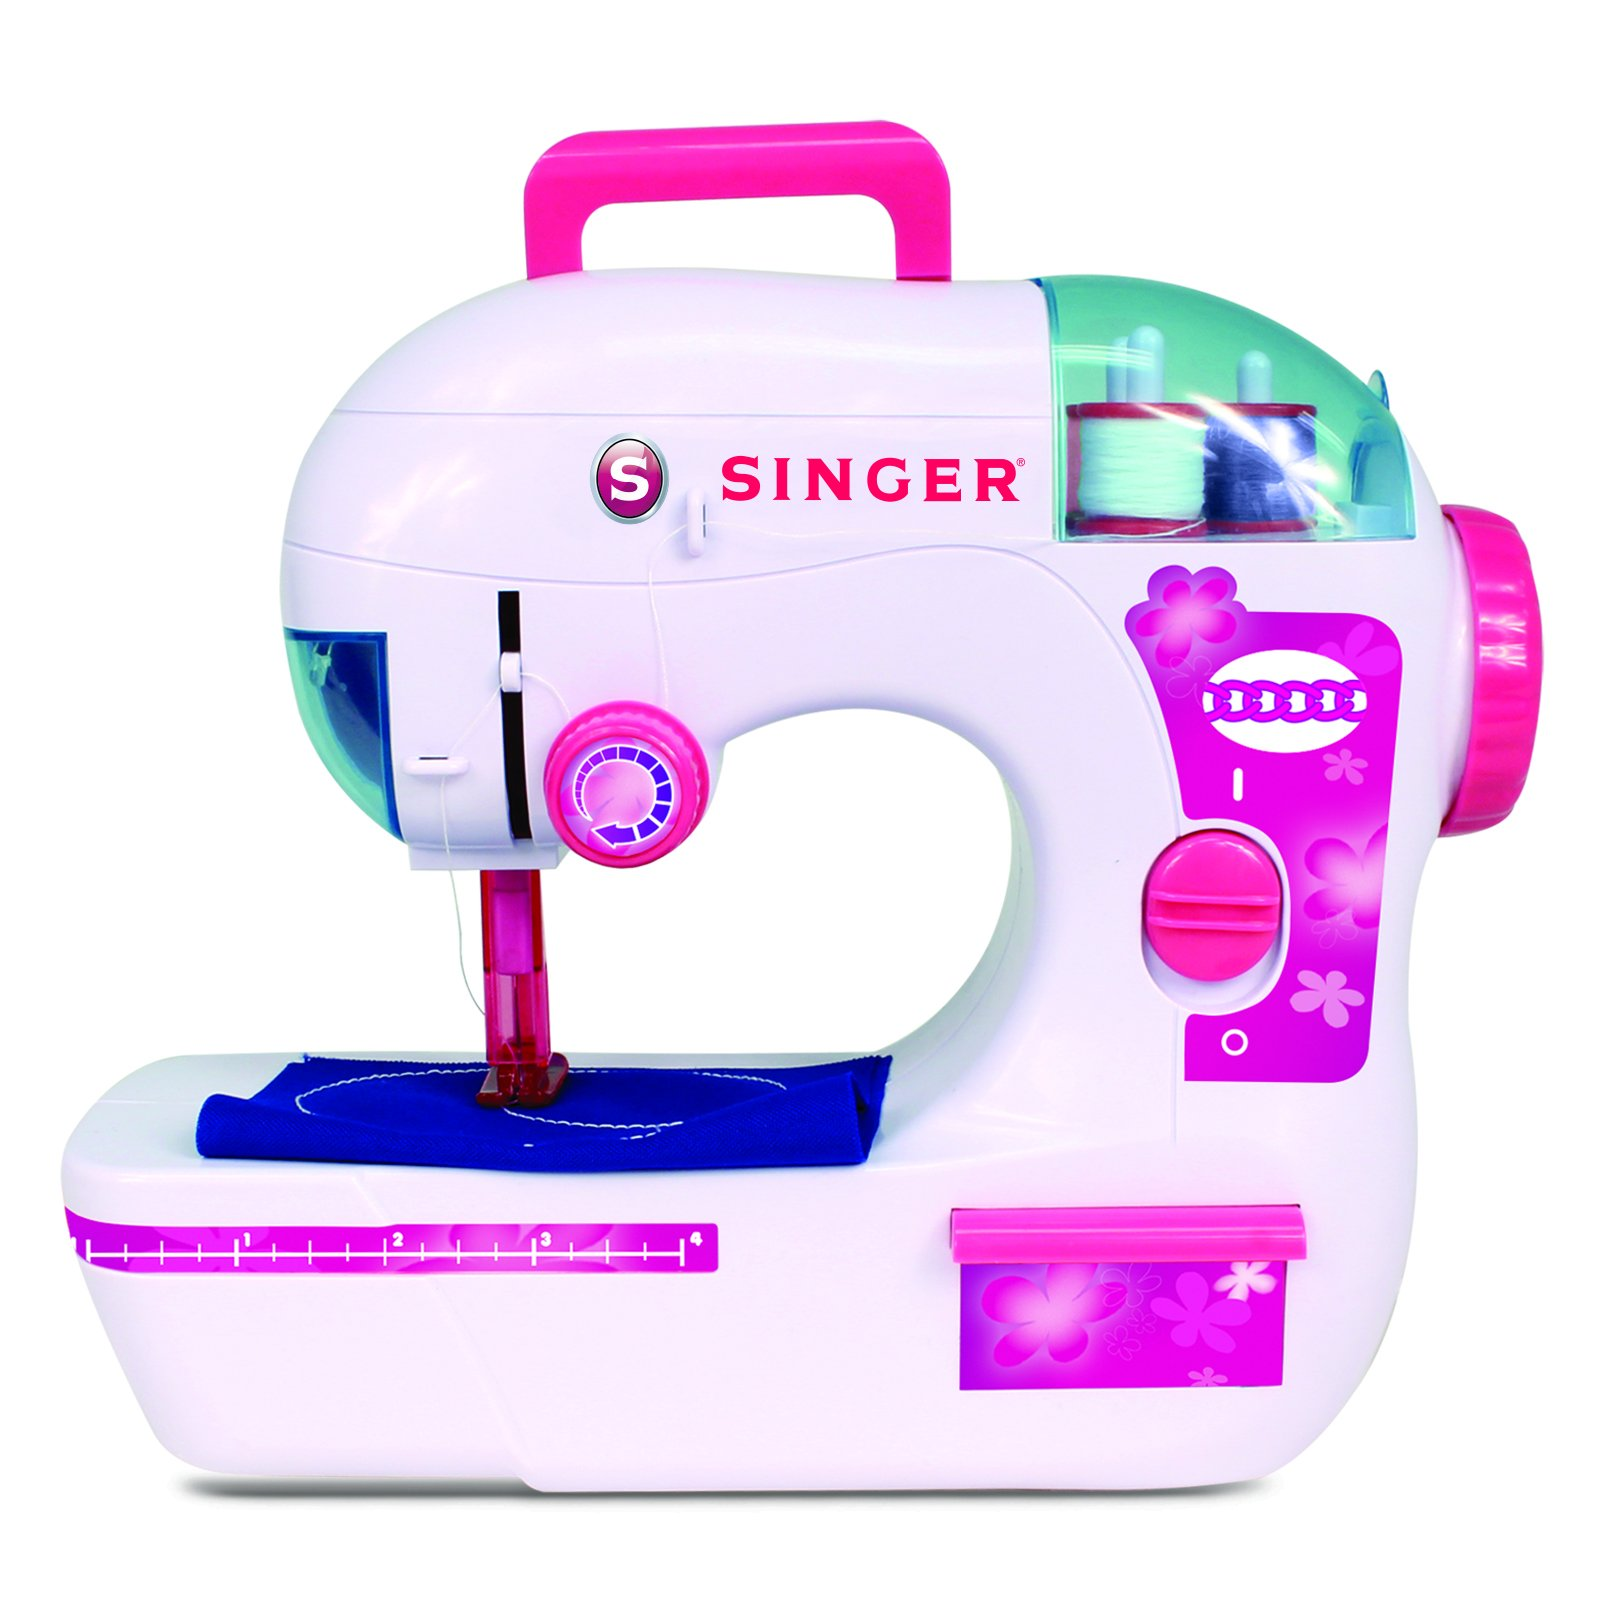 5430c singer sewing machine manual.